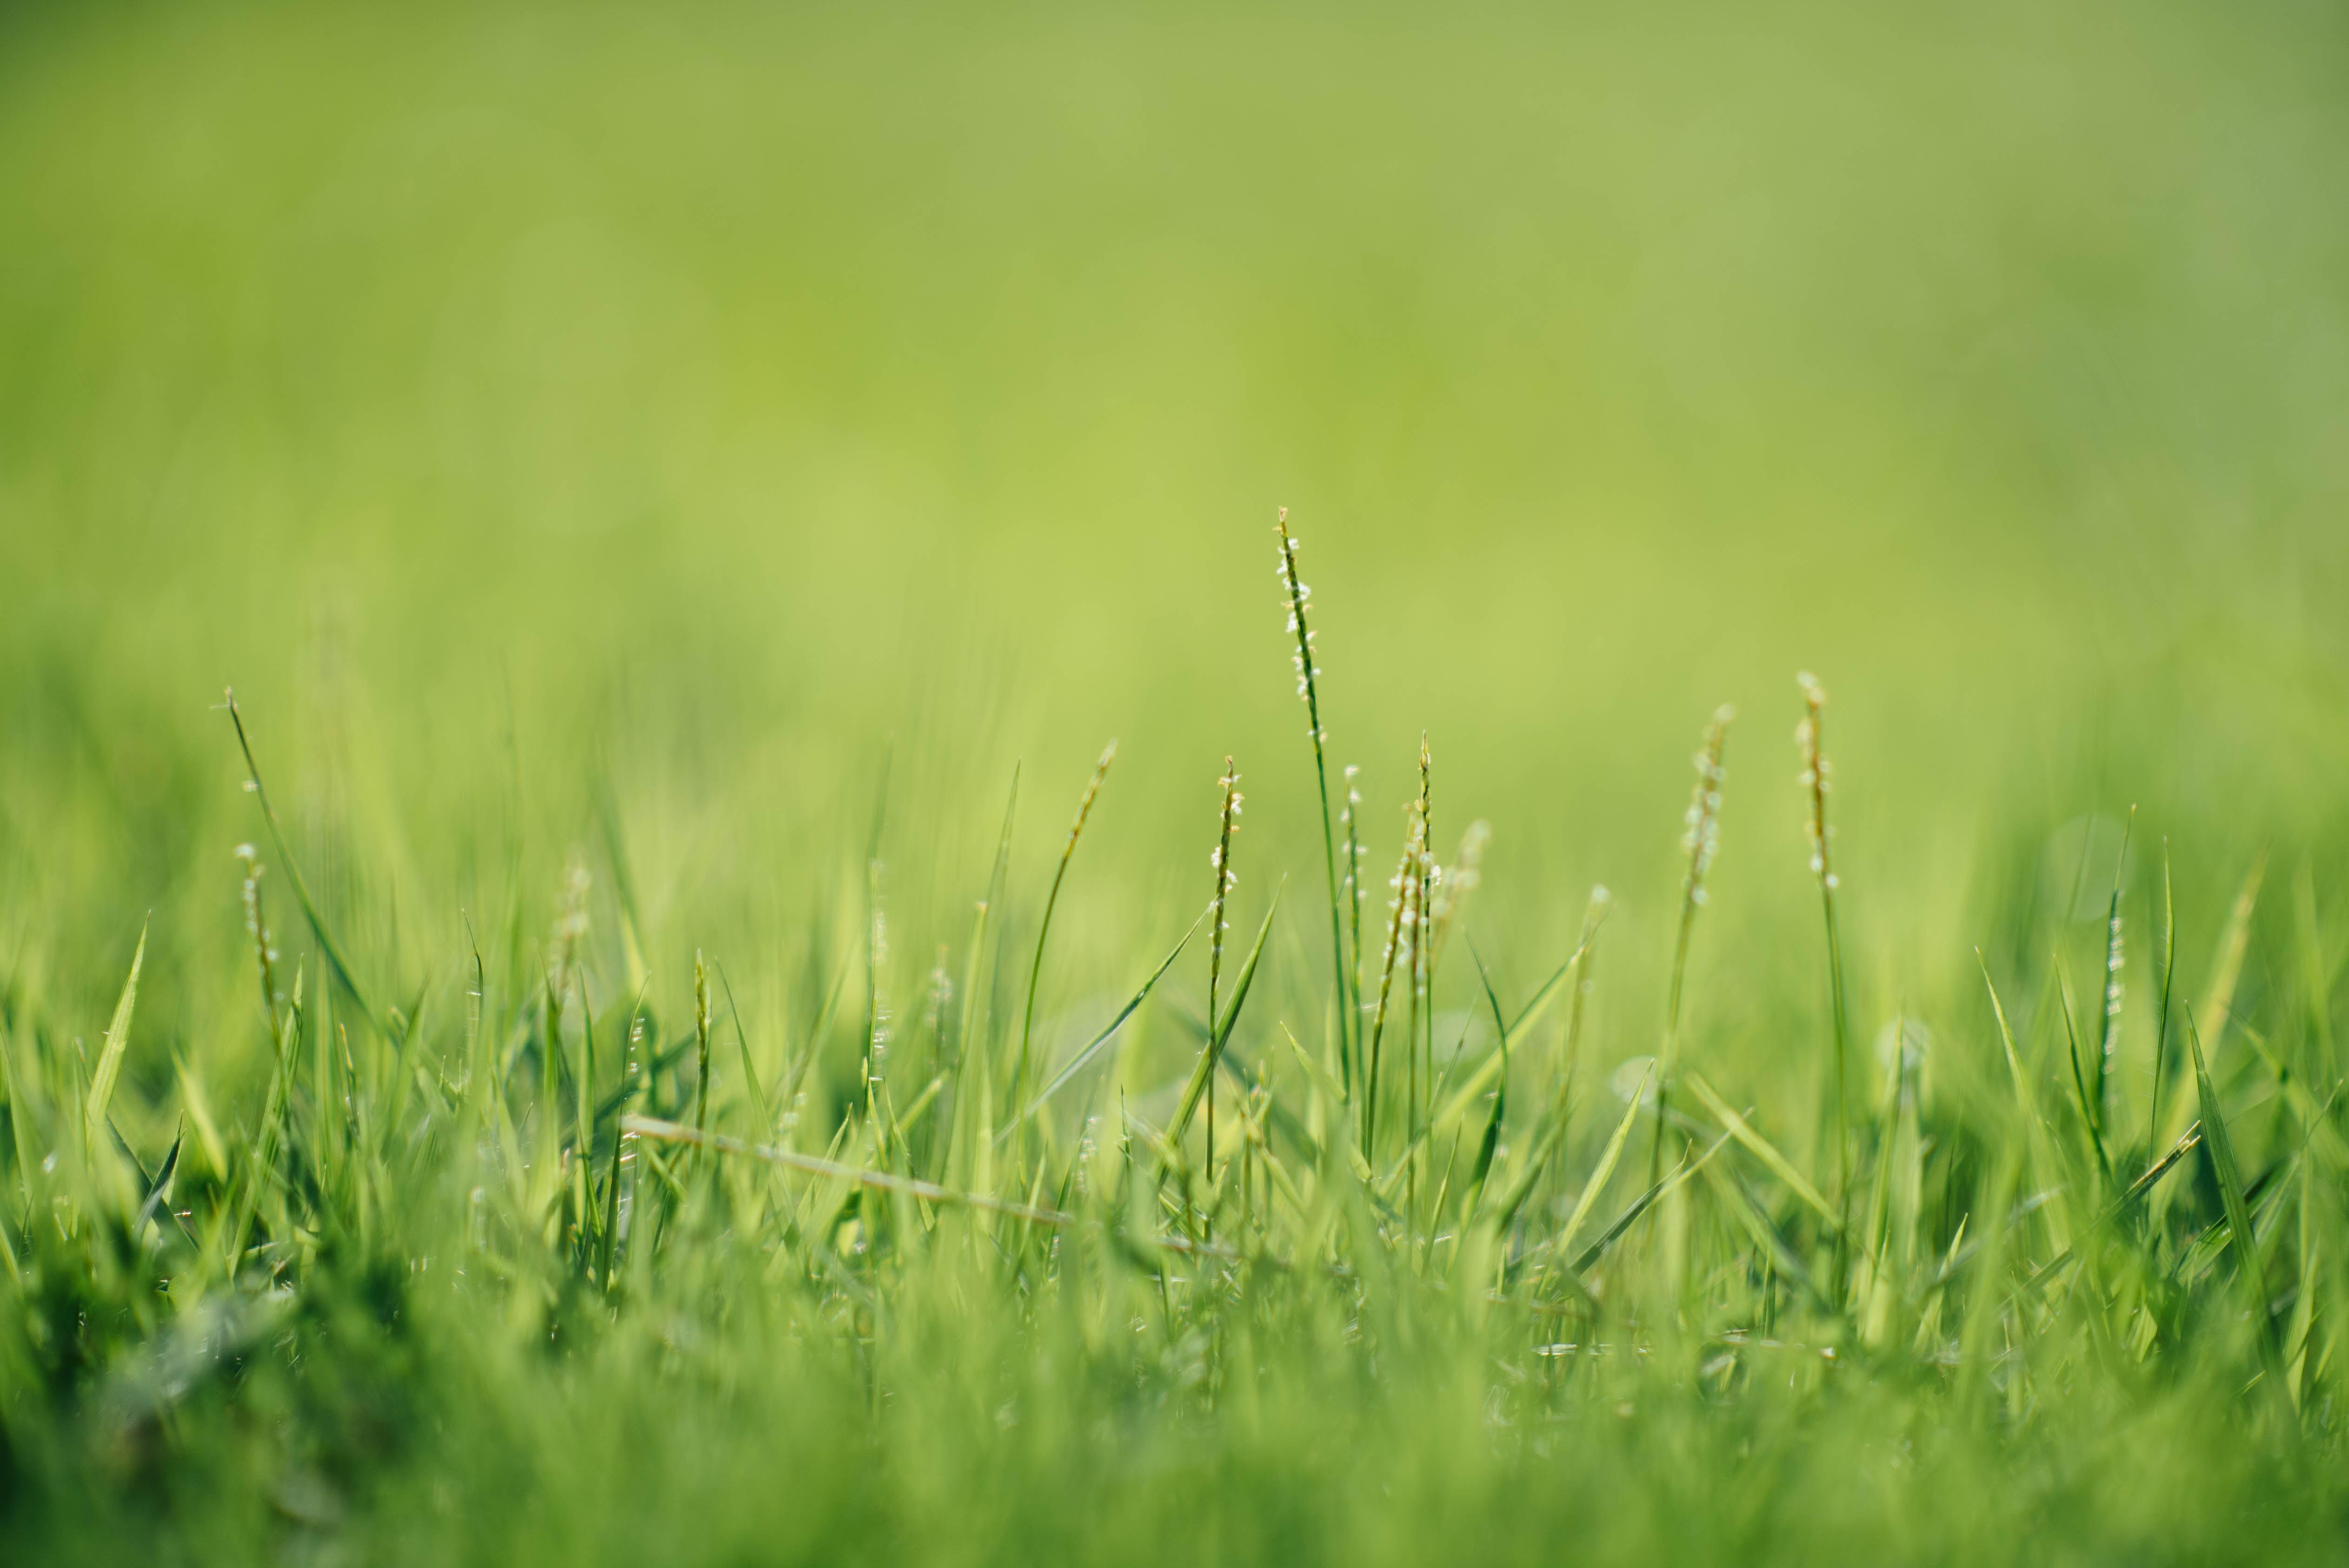 green grass closeup photography